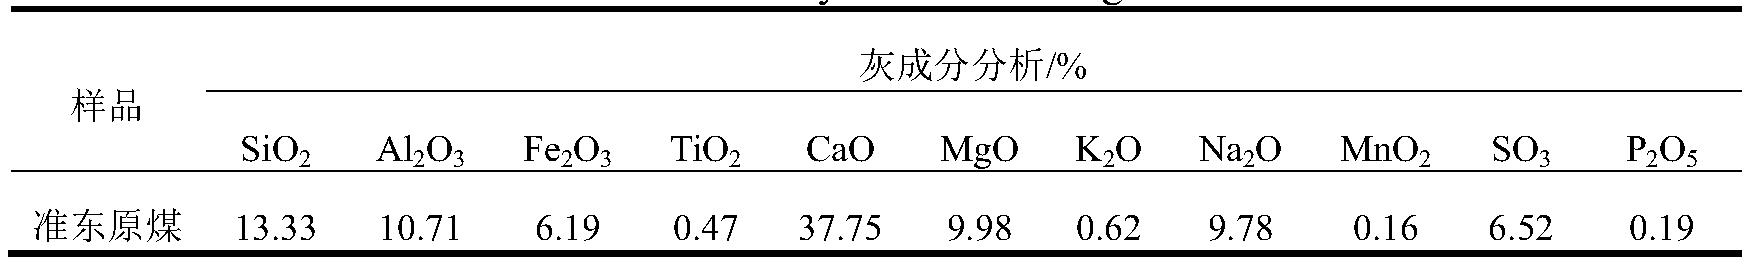 Figure PCTCN2016081961-appb-000002